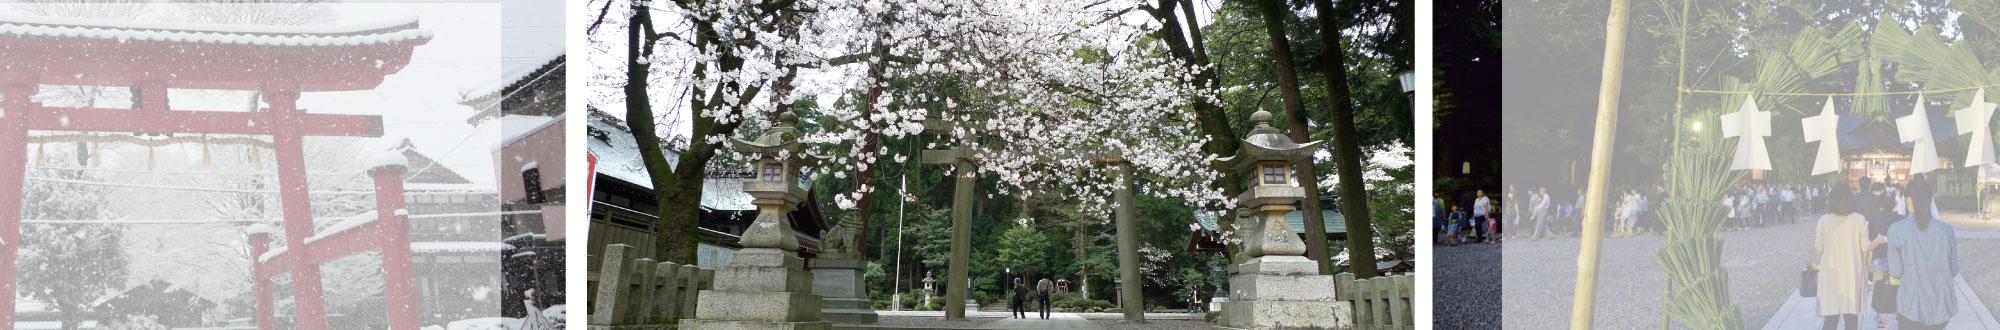 イメージ画像1:剣神社